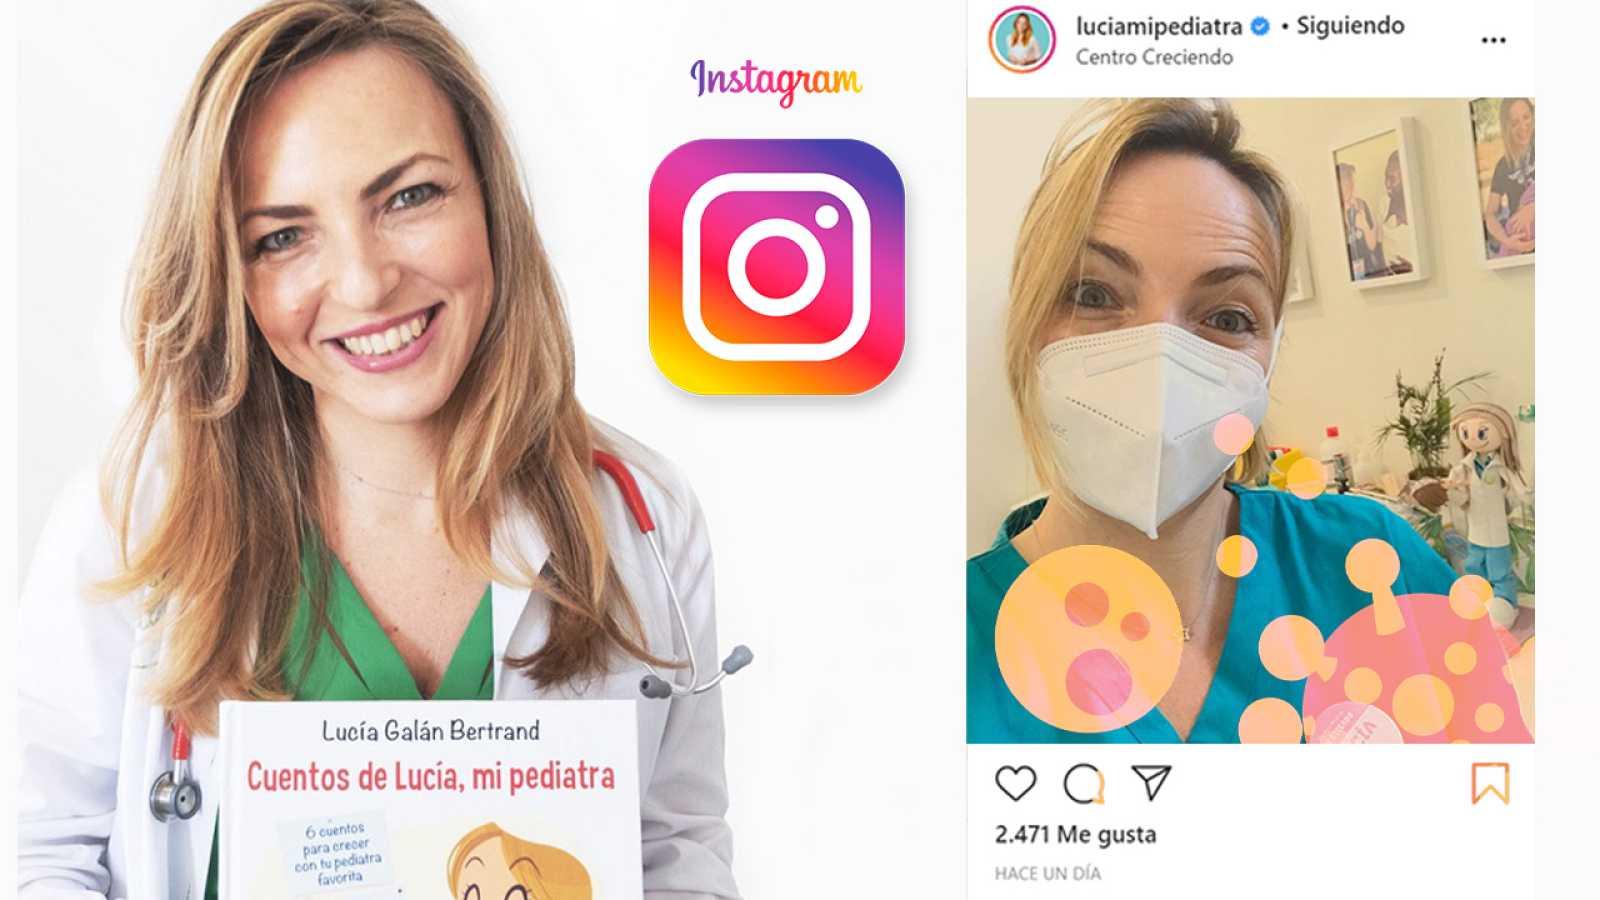 'Lucía, mi pediatra' es Lucía Galán, una doctora con más de 360 mil seguidores en Instagram